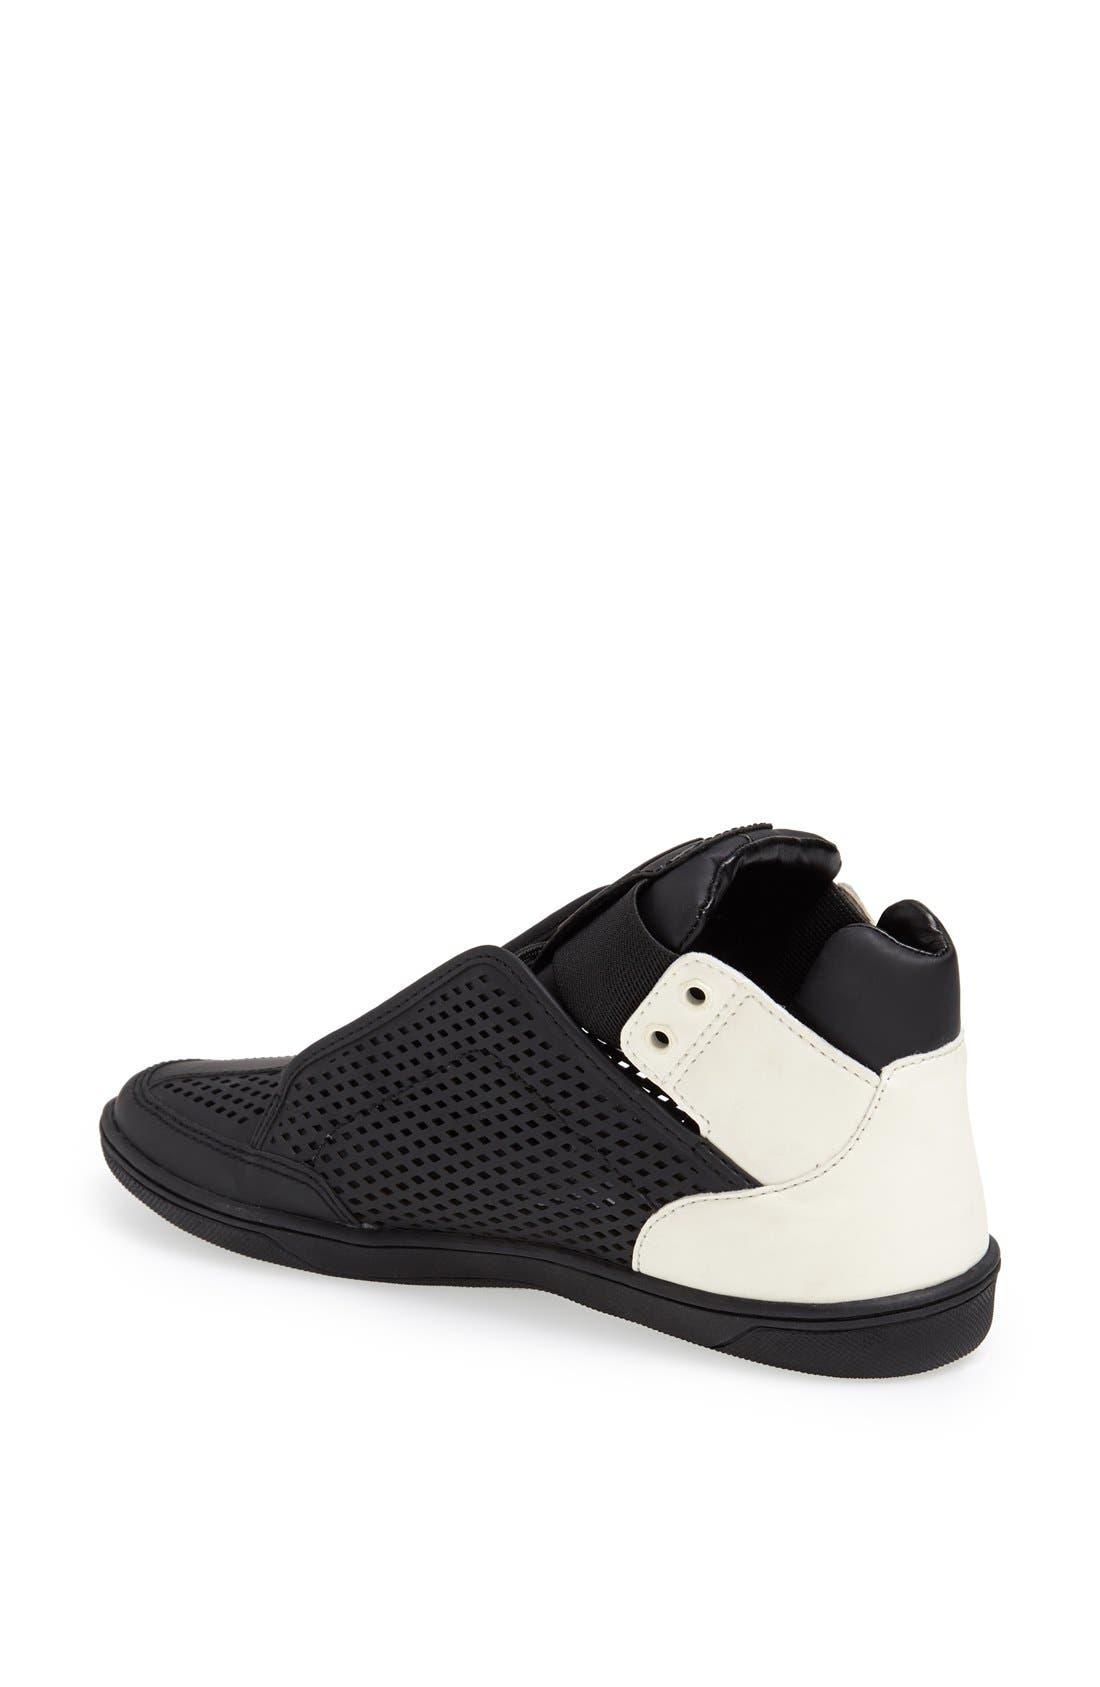 Alternate Image 2  - Dolce Vita 'Vinna' Sneaker